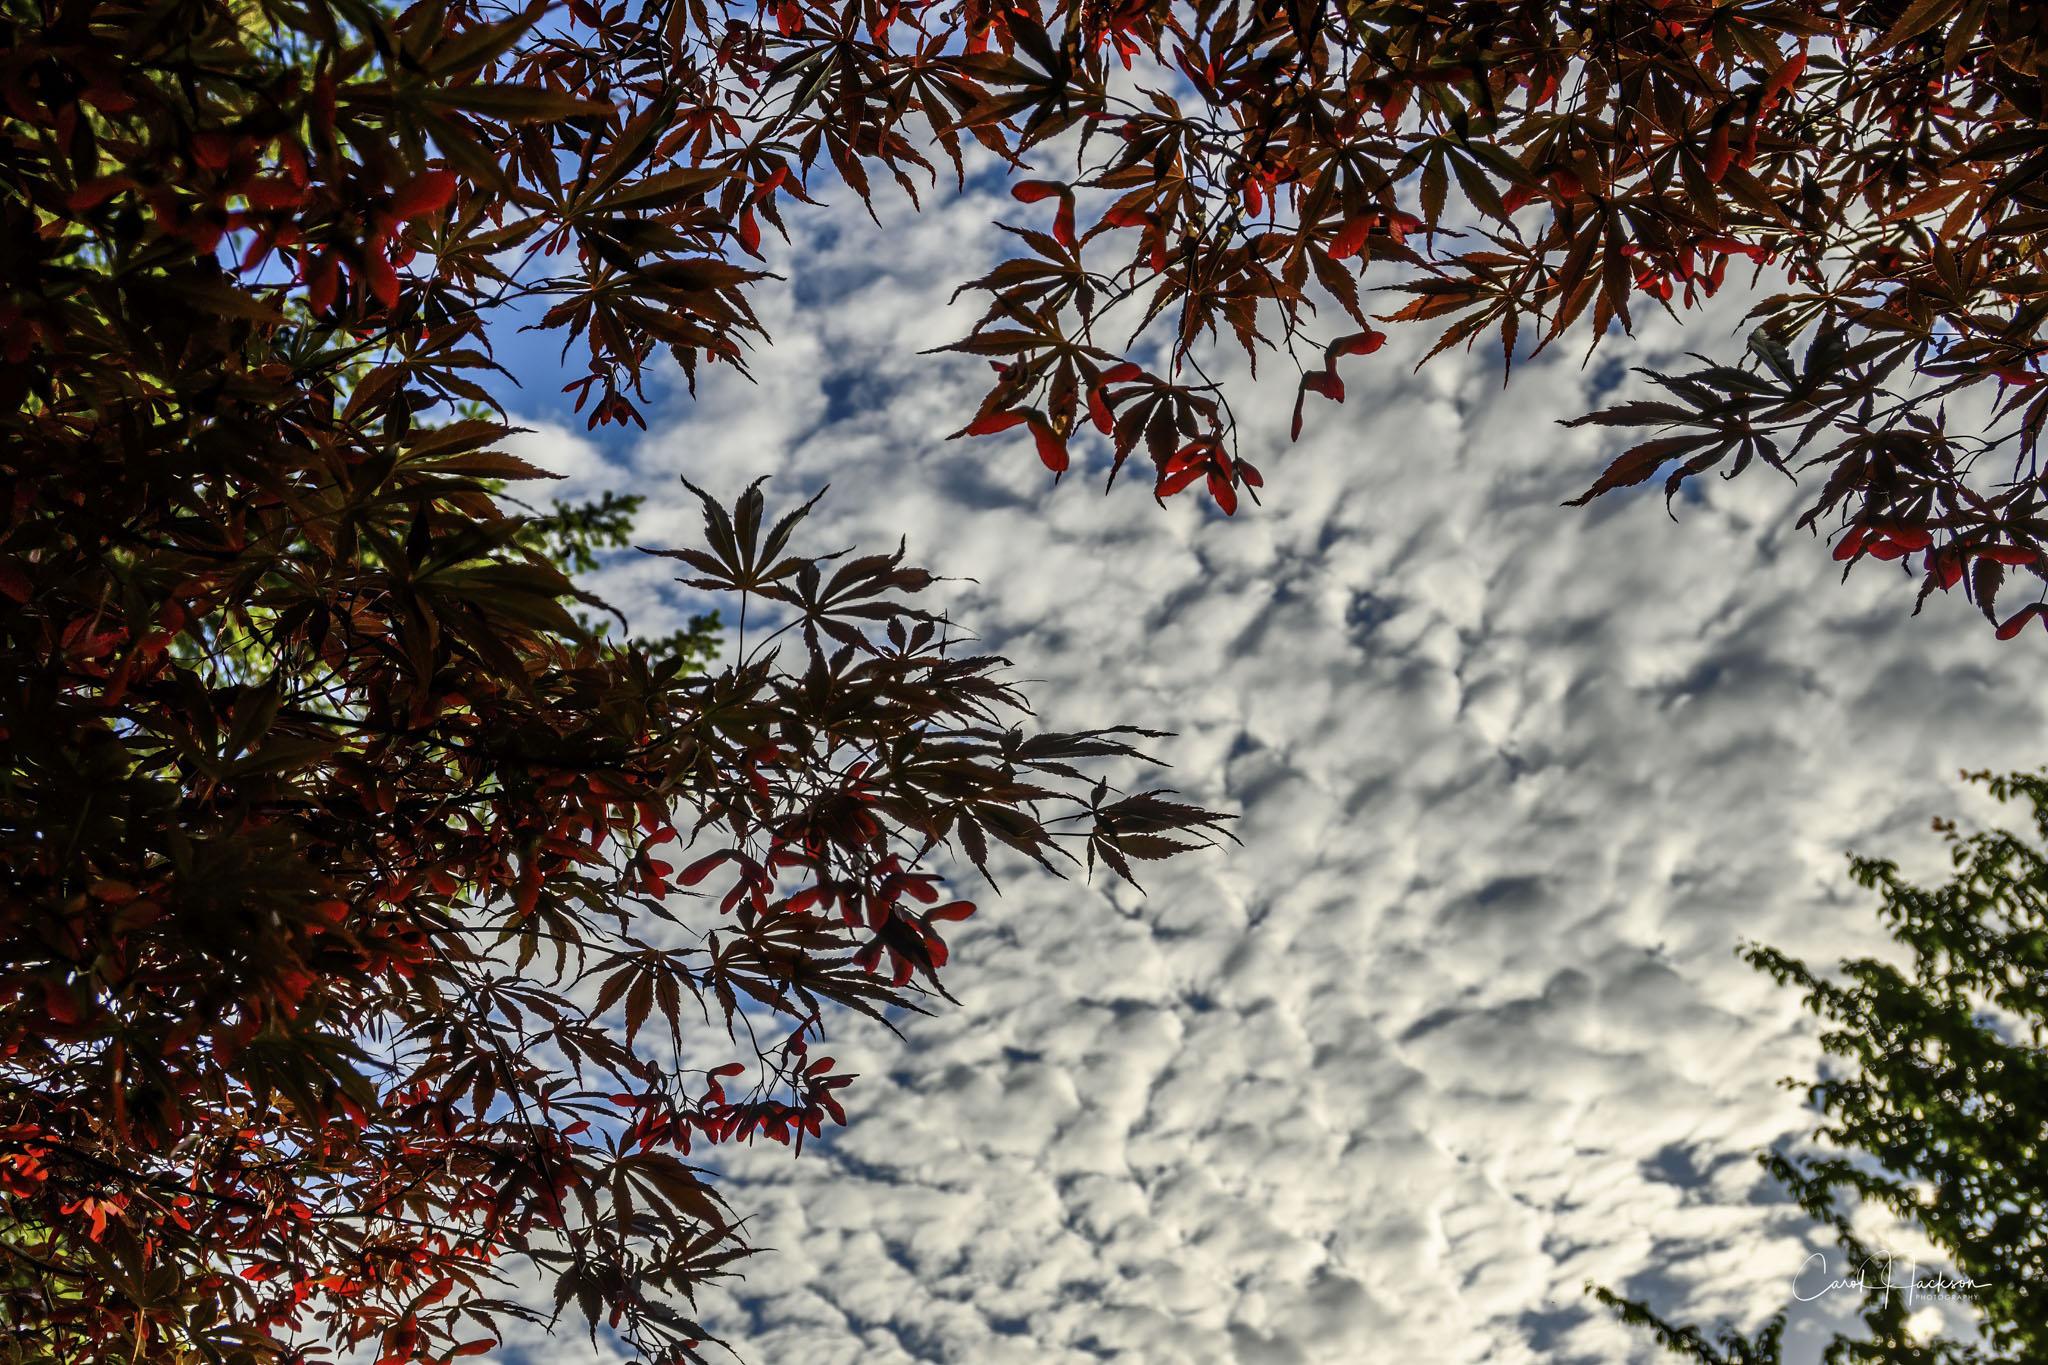 CJJ-Looking Up